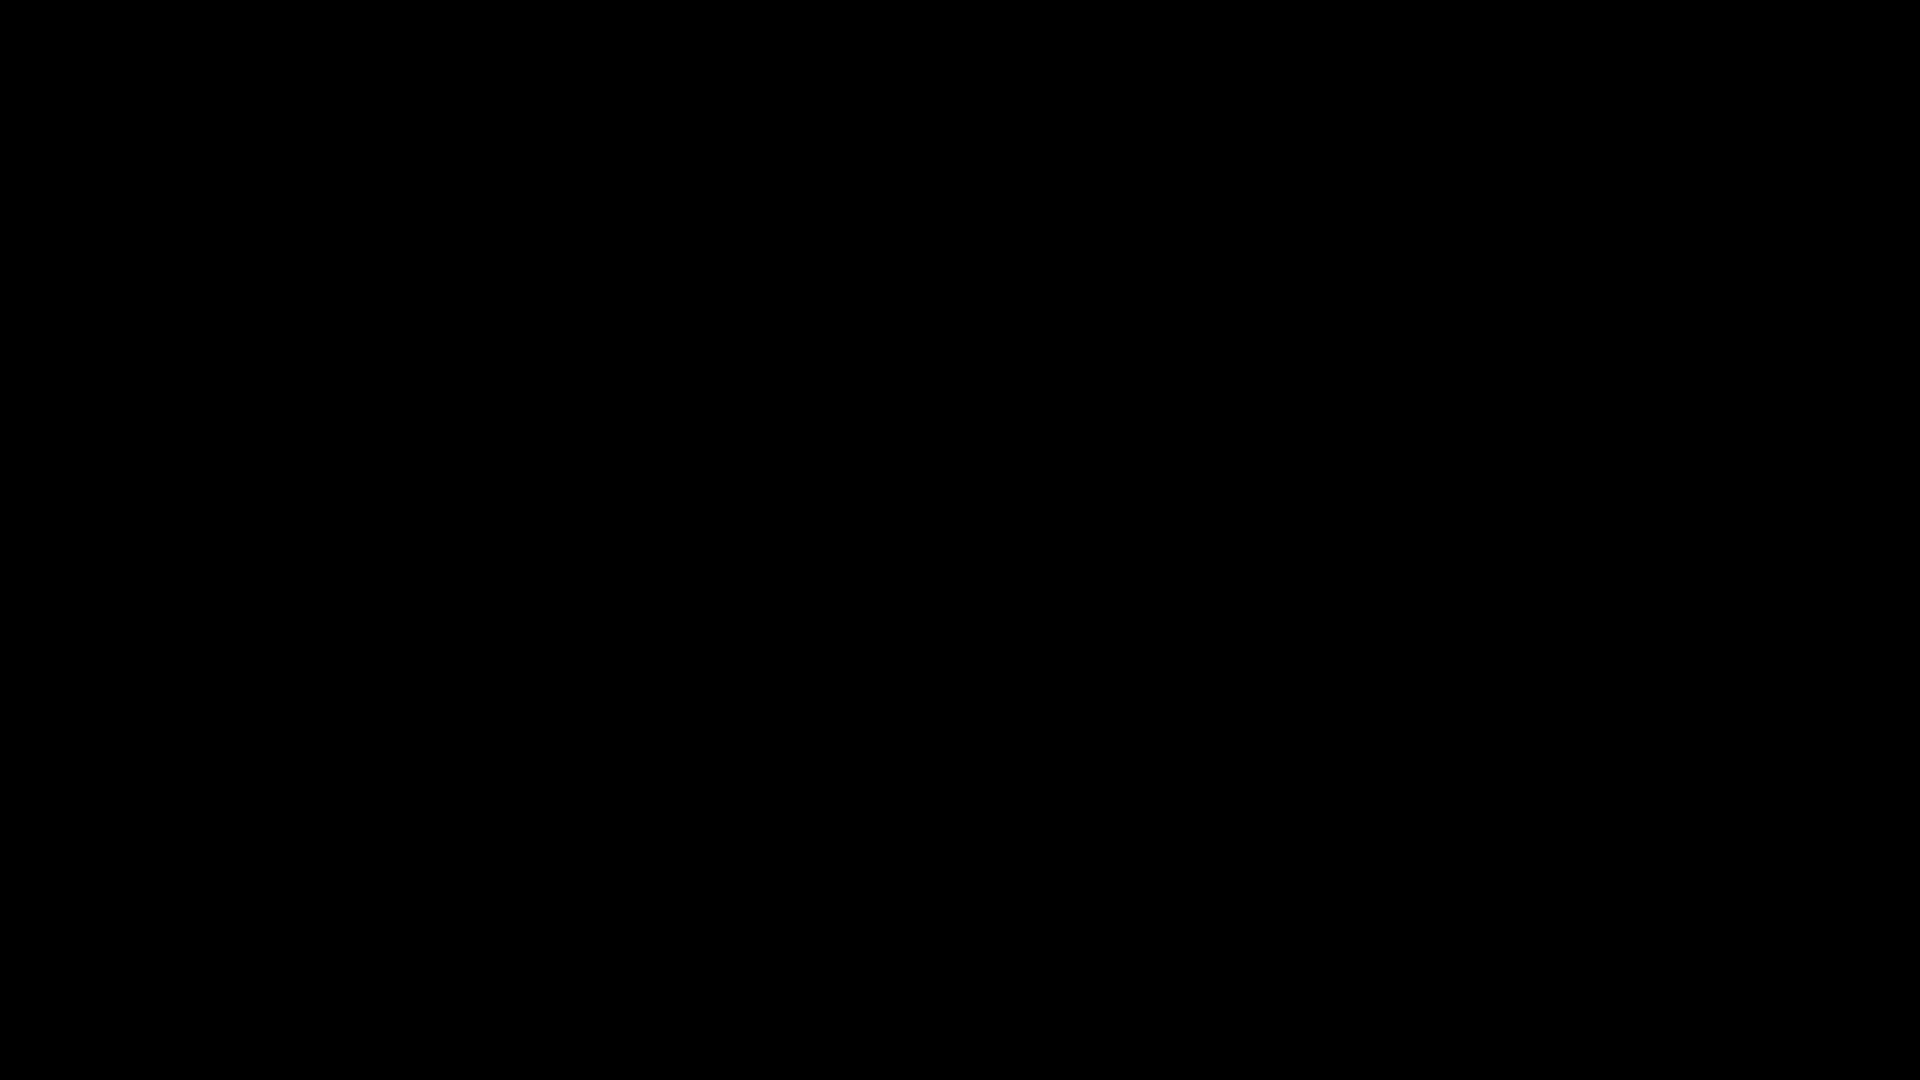 潜入!!韓国秘密のトイレ!Vol.01 美女OL AV動画キャプチャ 64連発 2